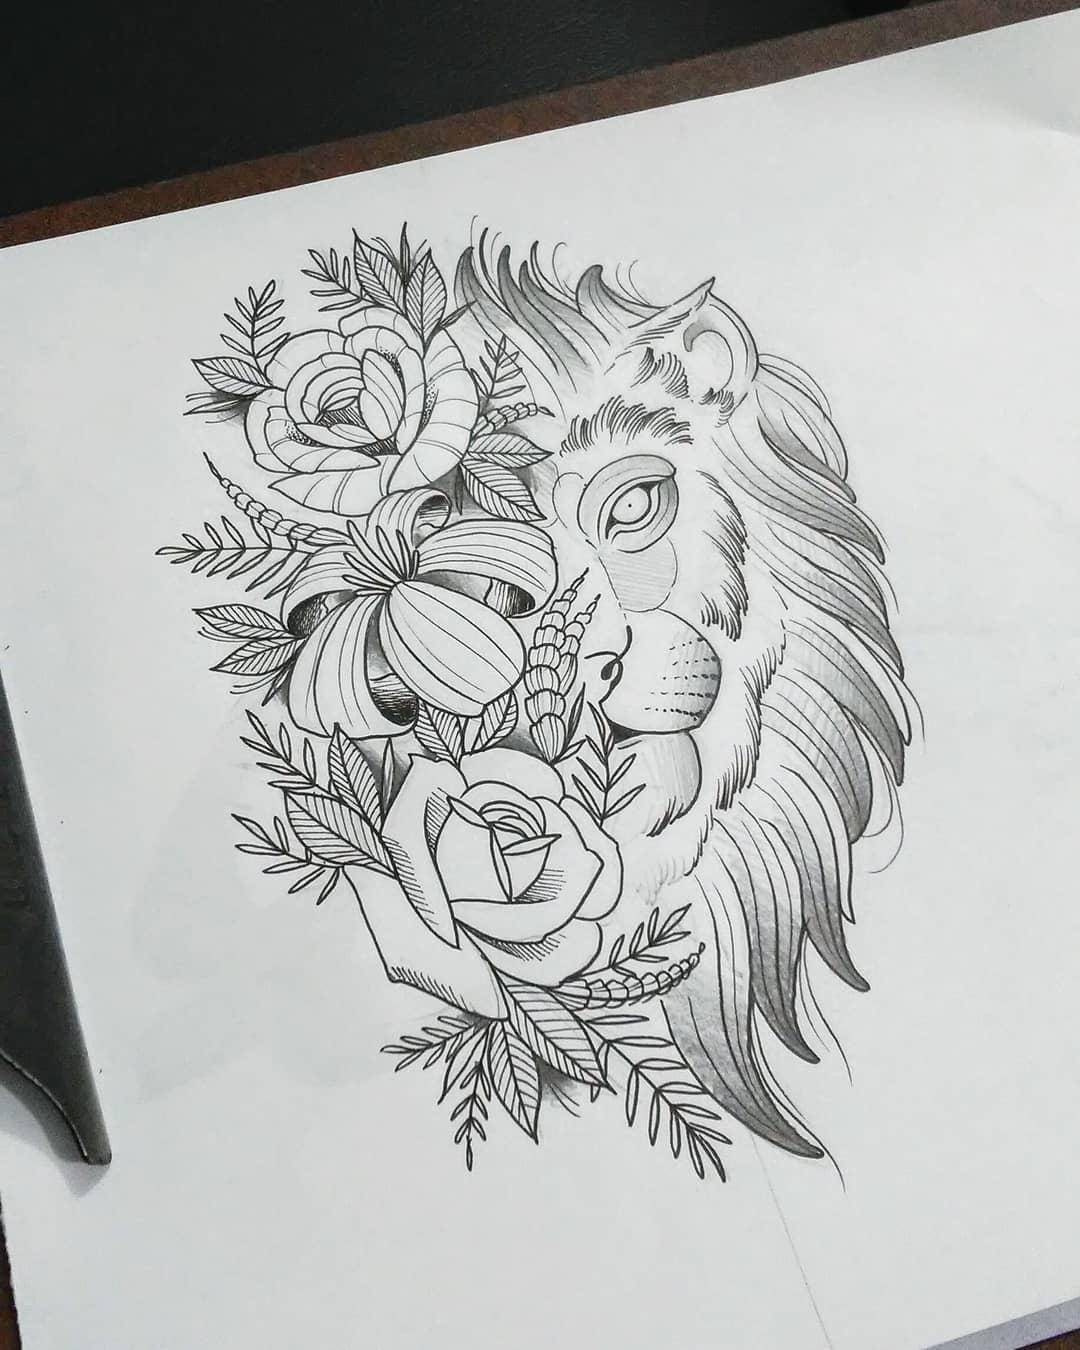 三国人物纹身手稿素材_手绘